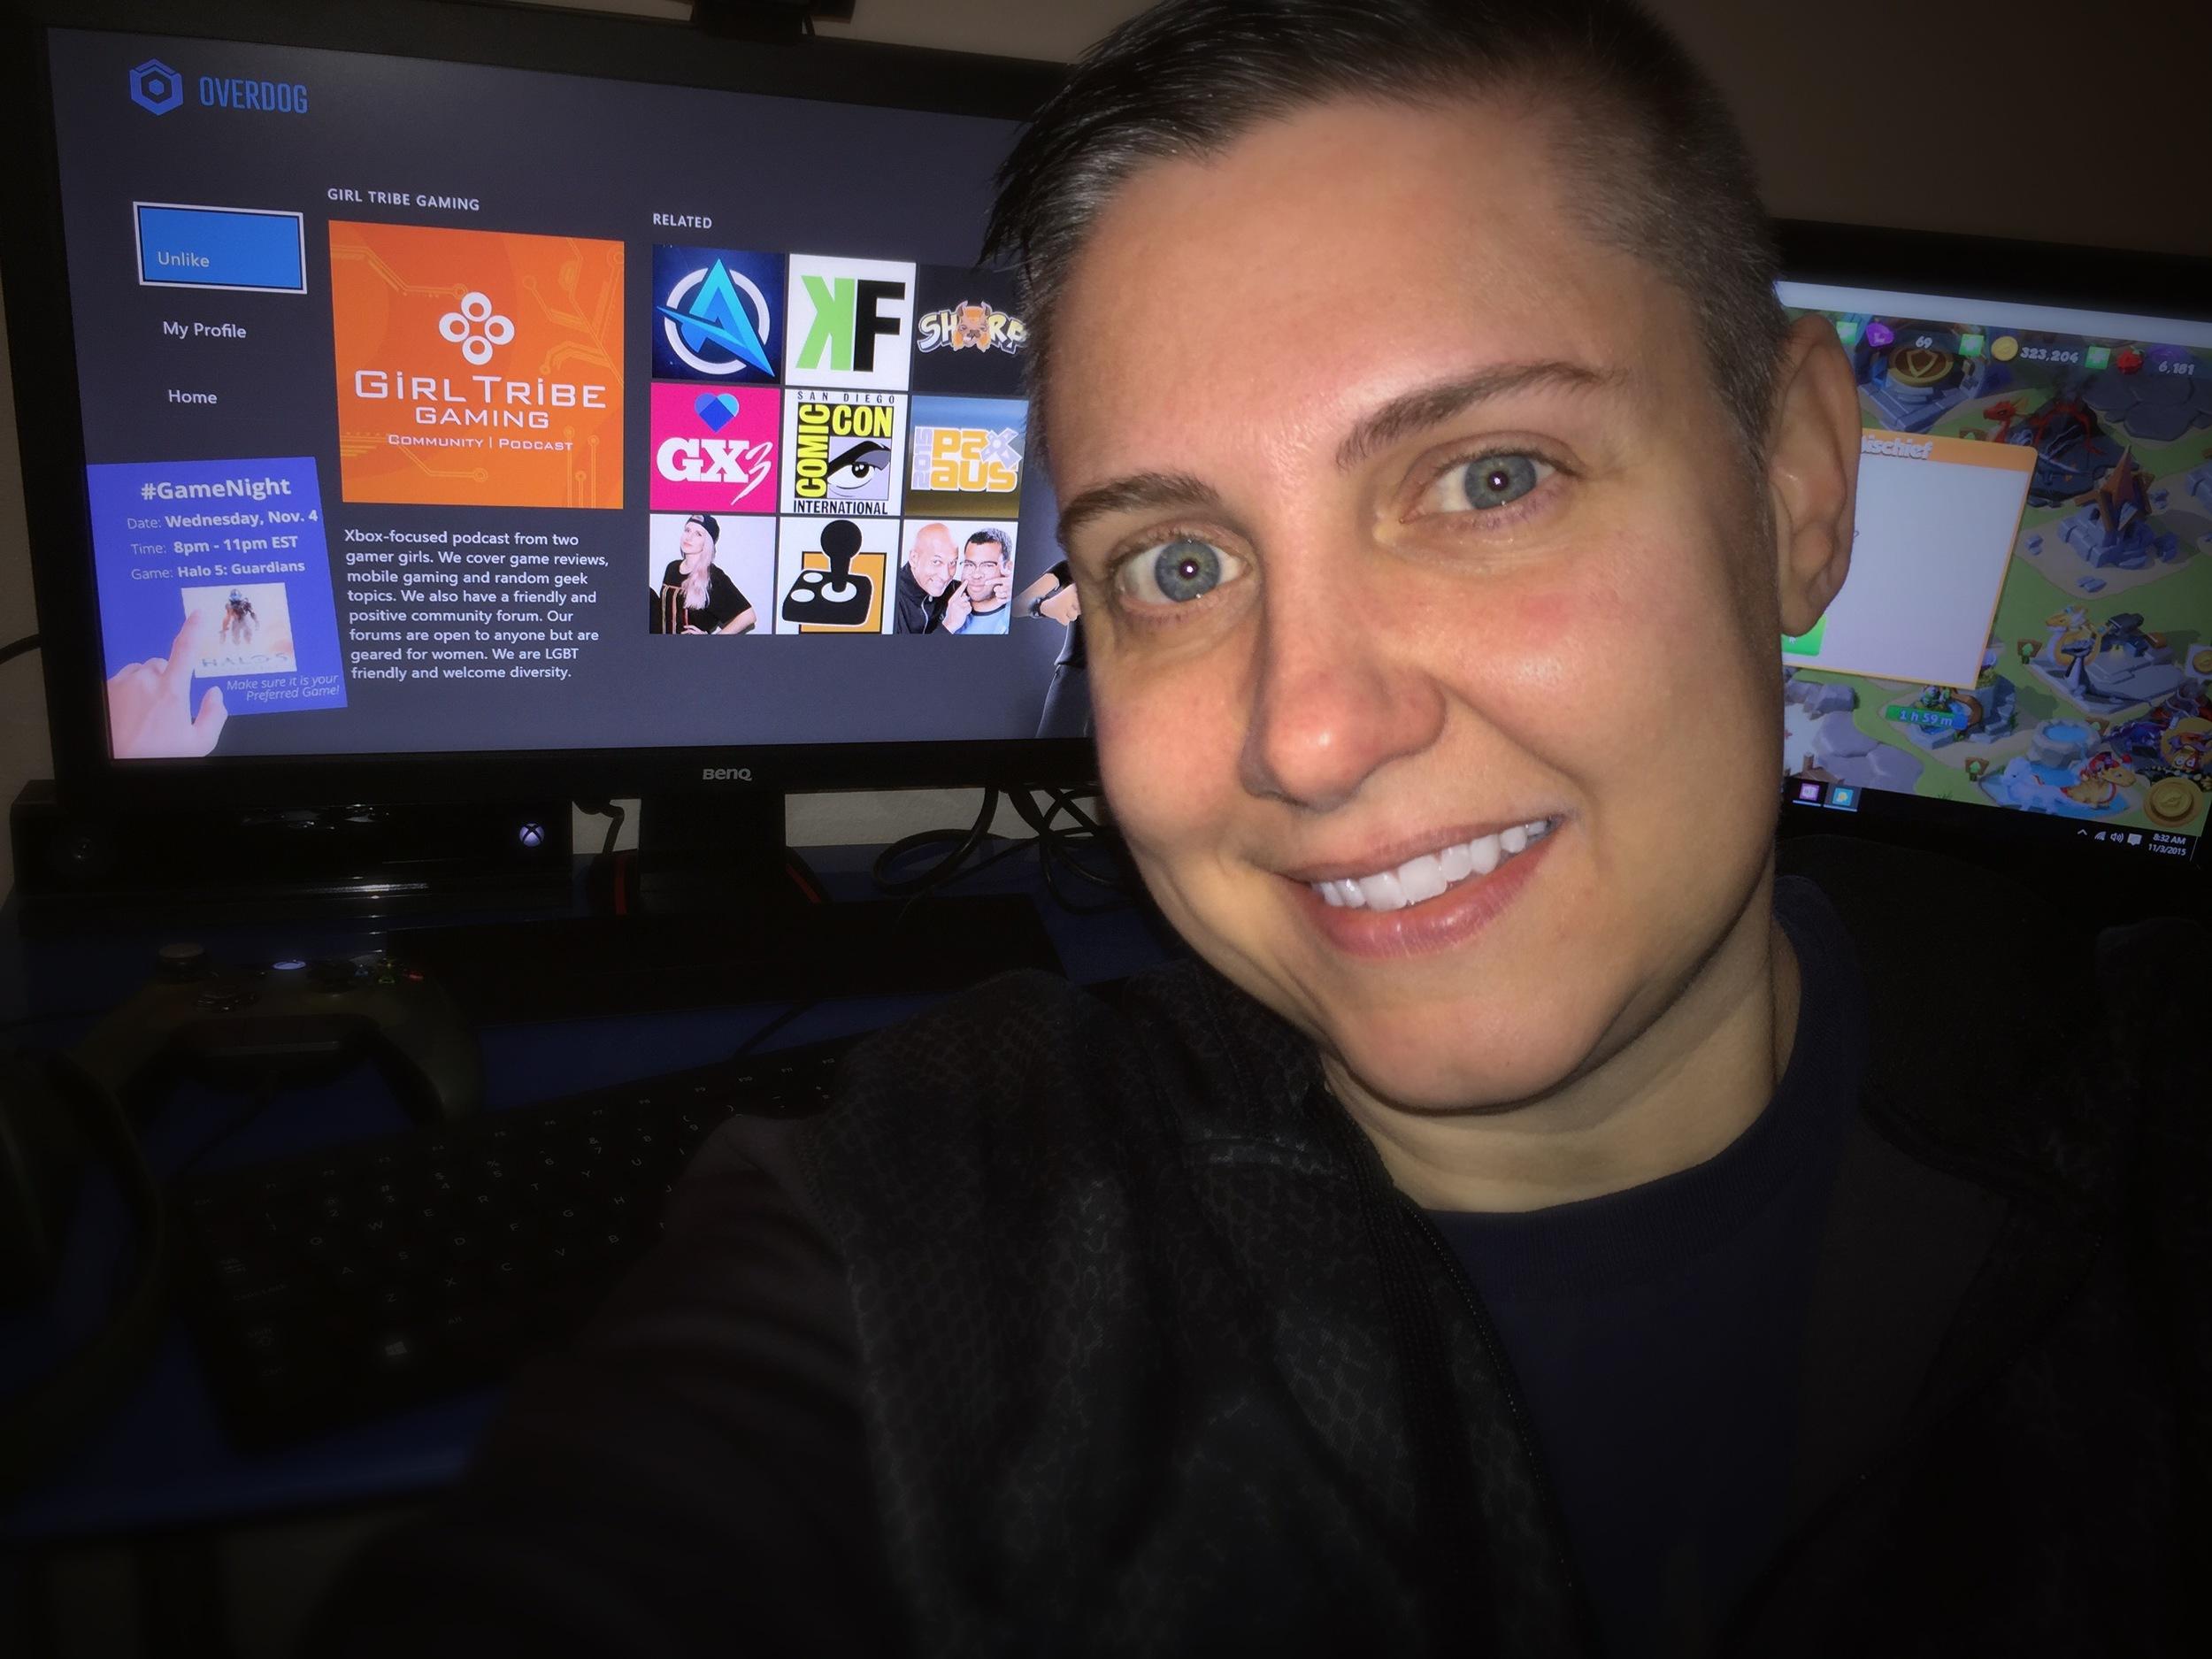 Jen / moto grrl Likes Girl Tribe Gaming on Overdog